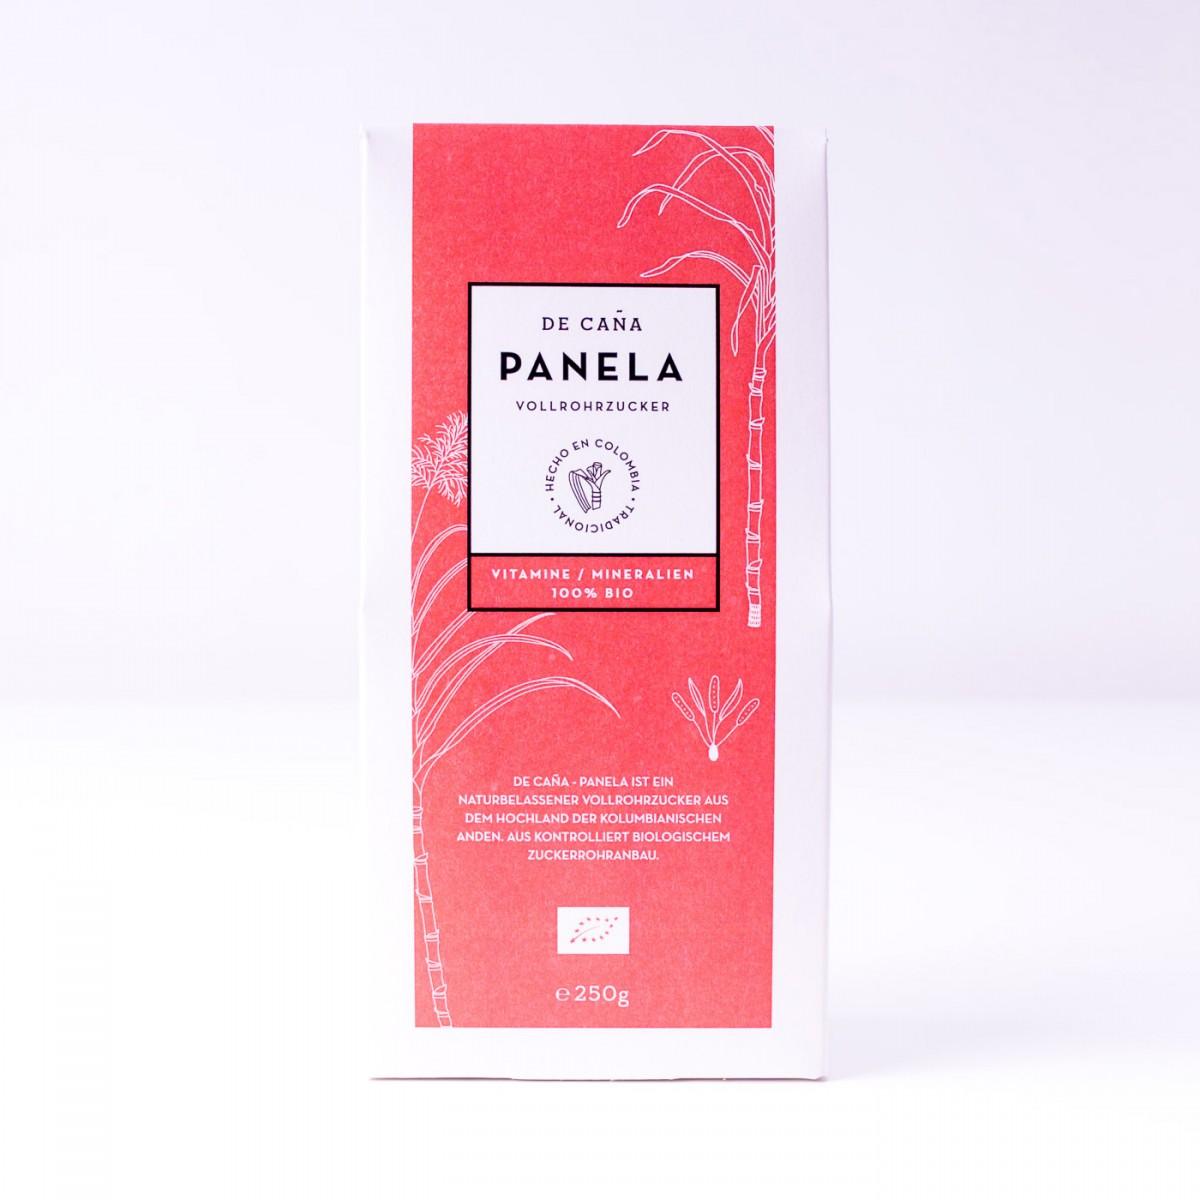 DE CAÑA Panela aus Kolumbien - Der feine Naturzucker/Kaffeezucker, 250g Pack